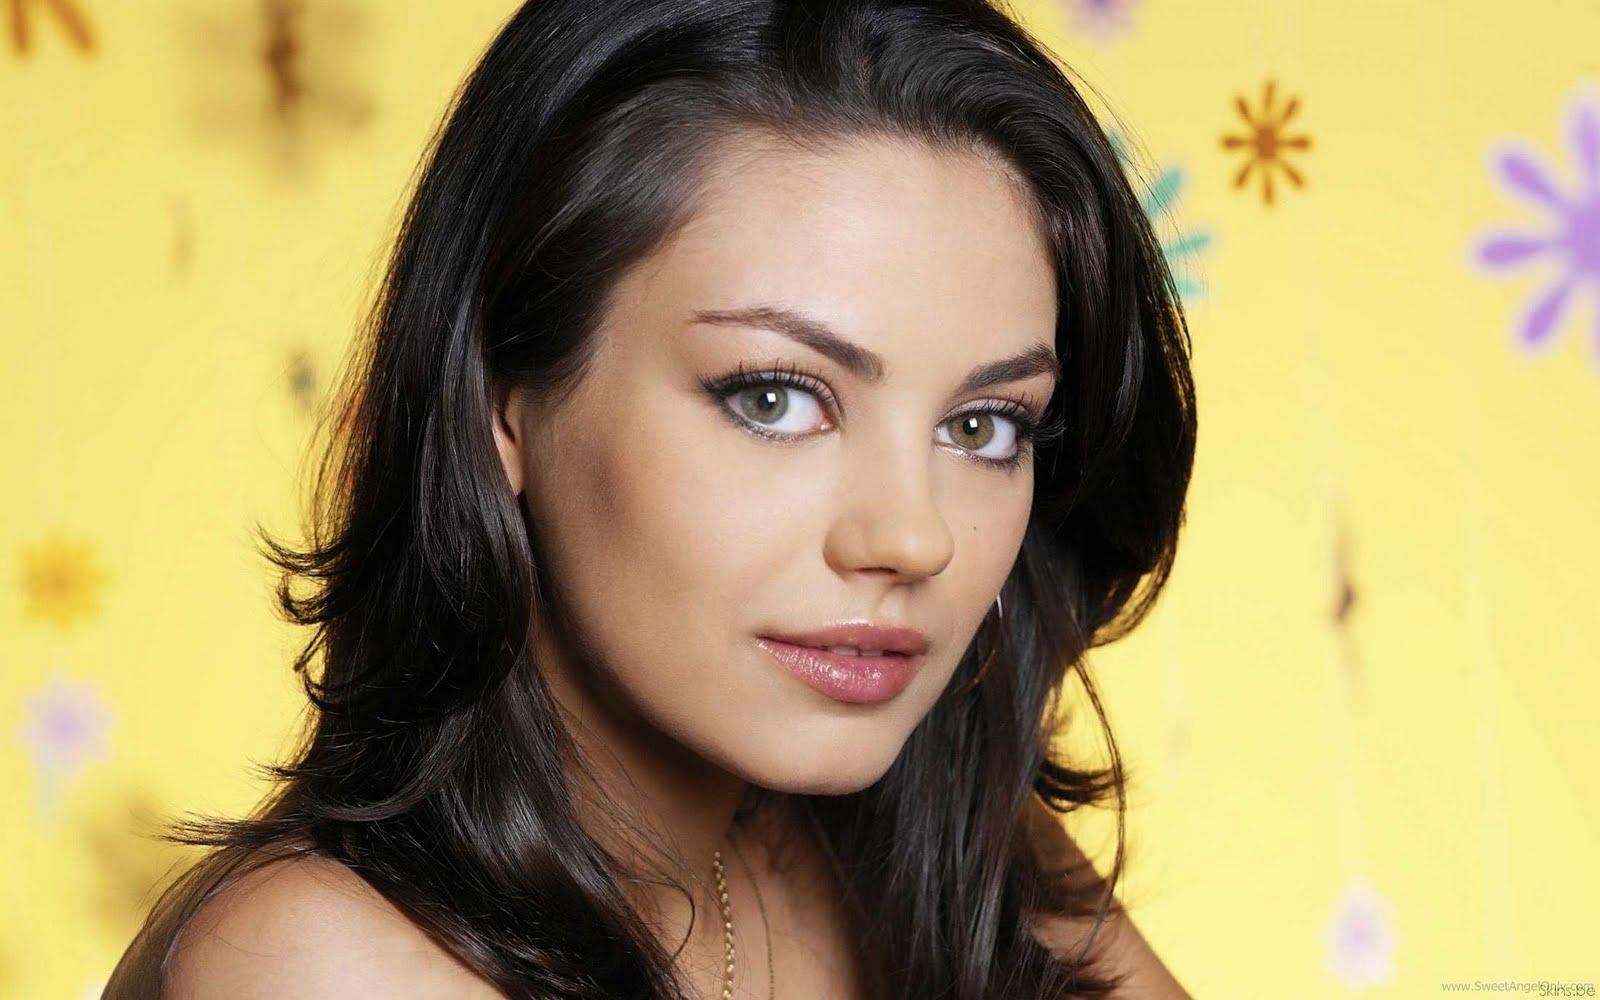 http://4.bp.blogspot.com/-8CKfpdihpnA/Tq7JmhPdUHI/AAAAAAAAJ0s/EM1svERIS-g/s1600/actress_mila_kunis_wallpaper.jpg